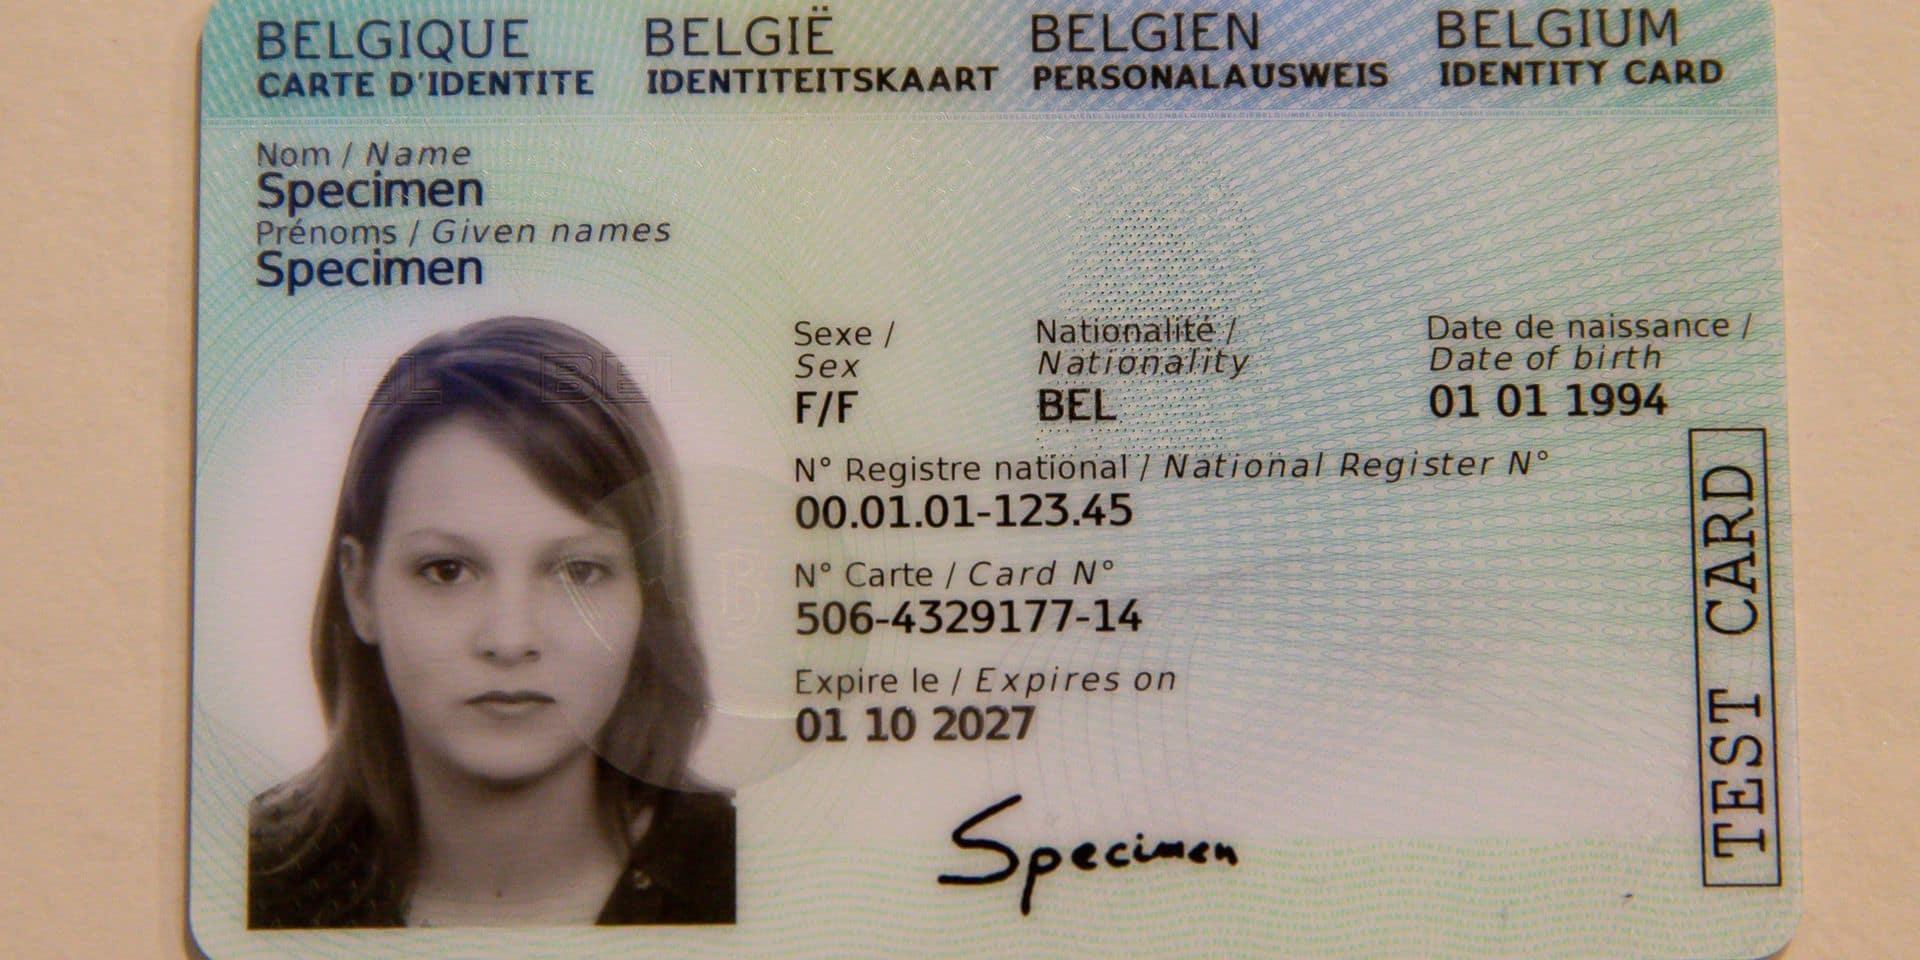 Les nouvelles cartes d'identité seront désormais livrées dans toute la Belgique